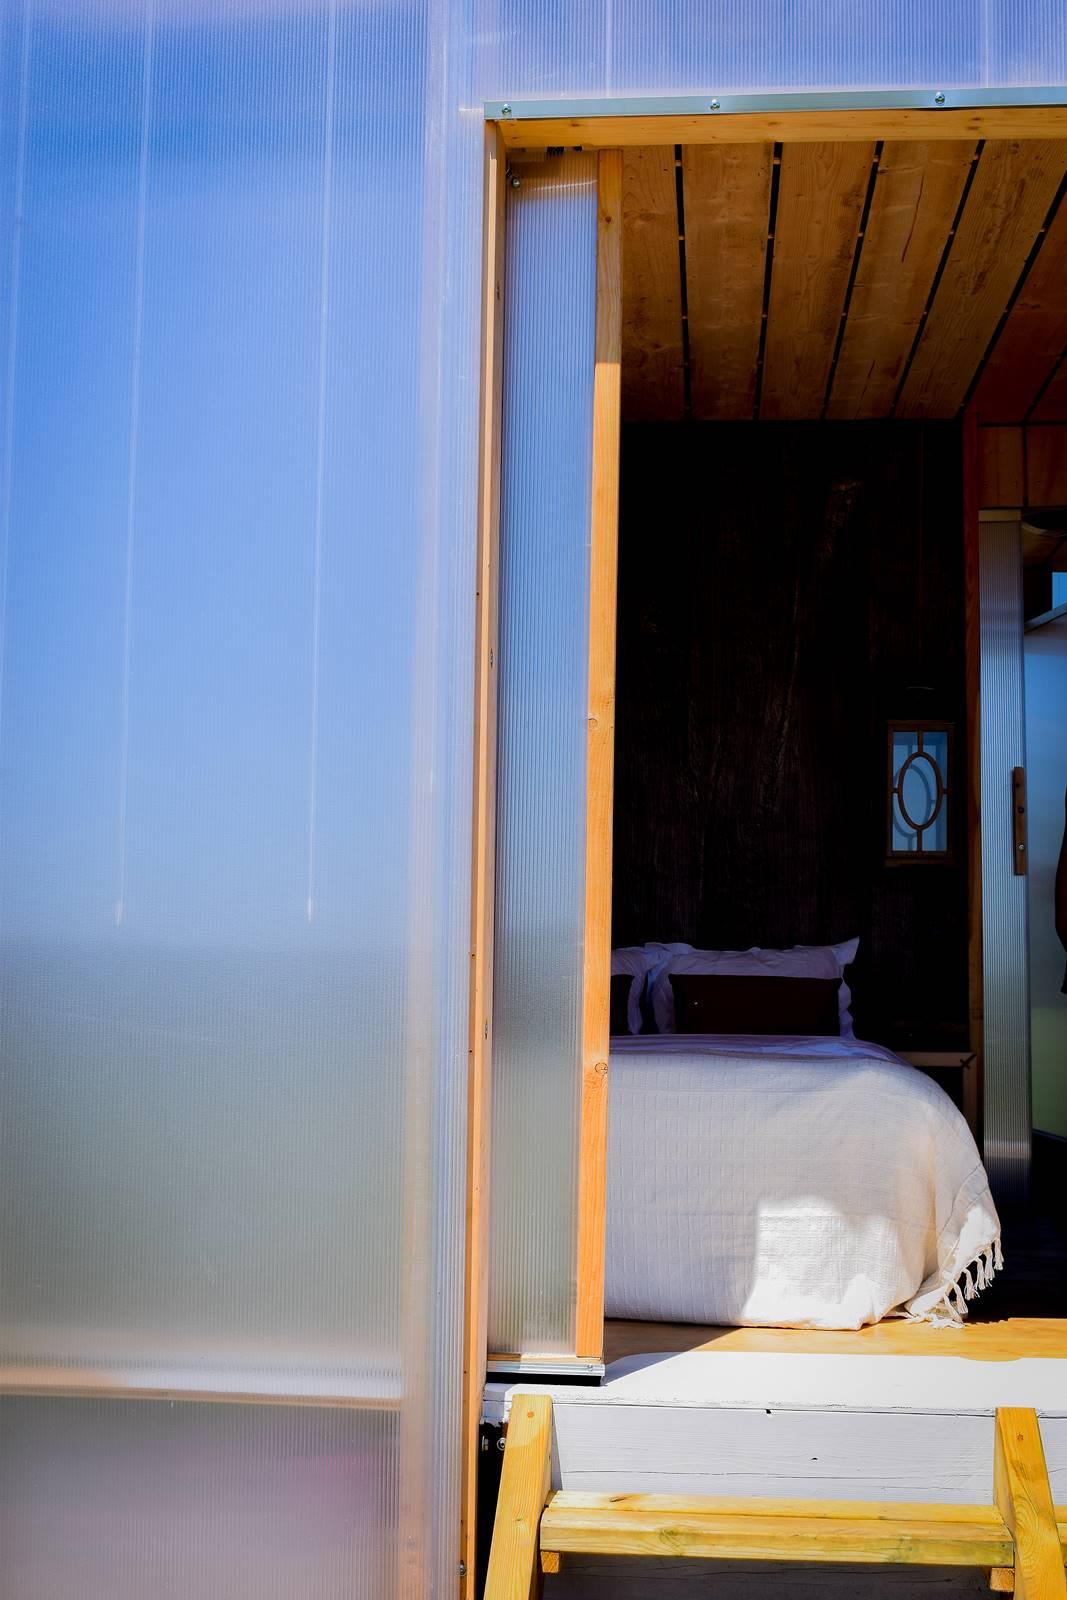 Bienveileuse loire atlantique estuaire lavau sur loire paimboeuf 14